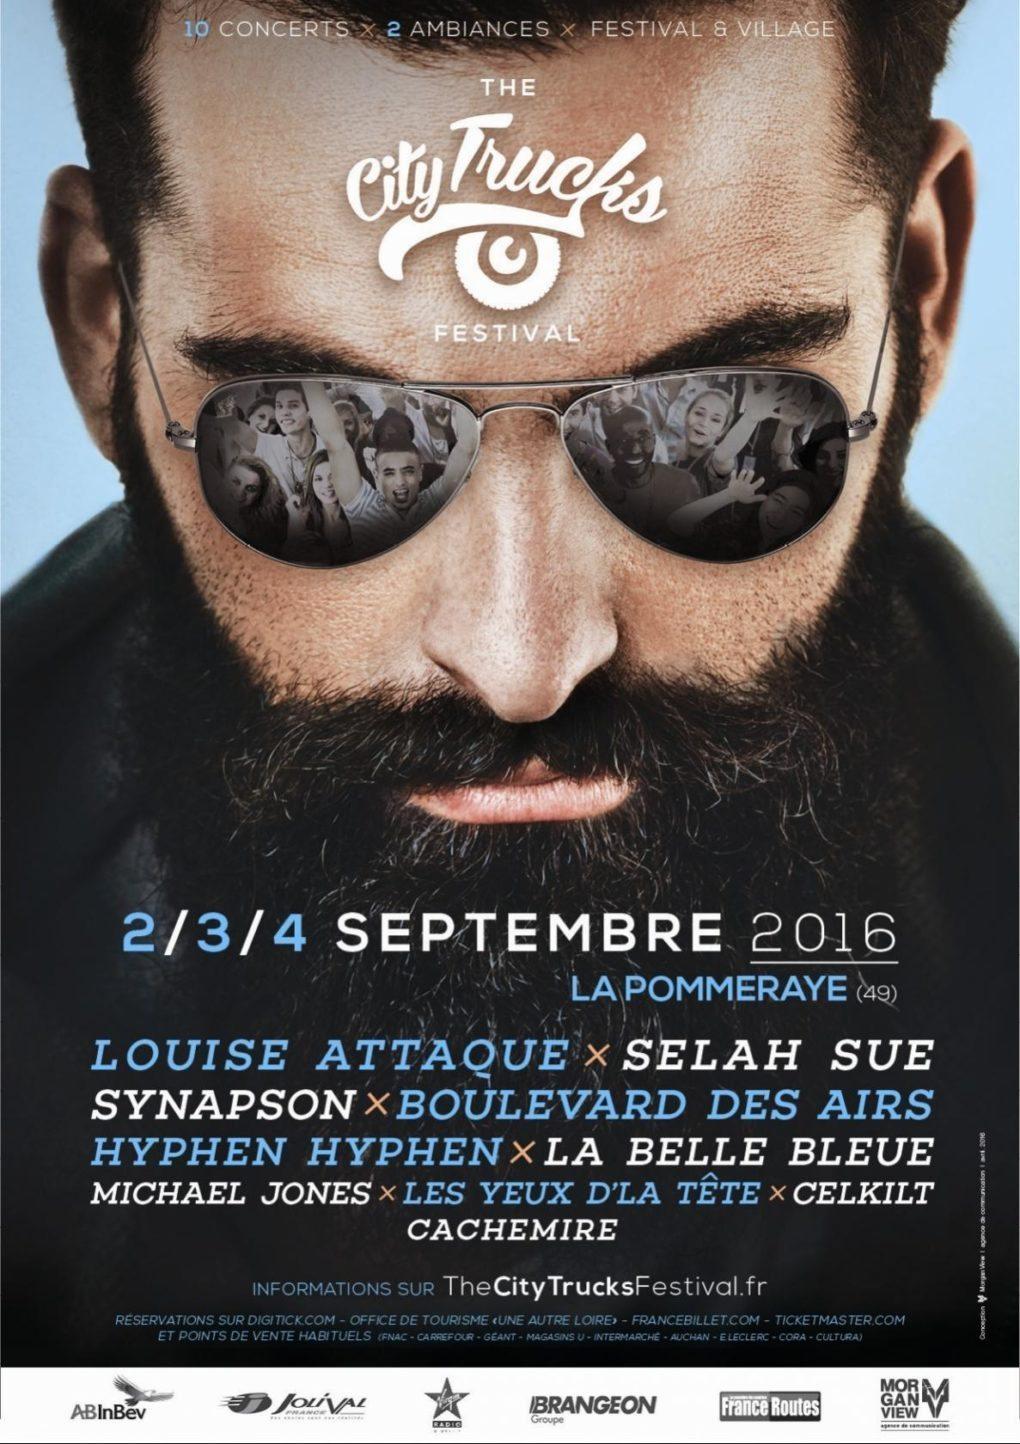 The City trucks festival Mauges-sur-Loire